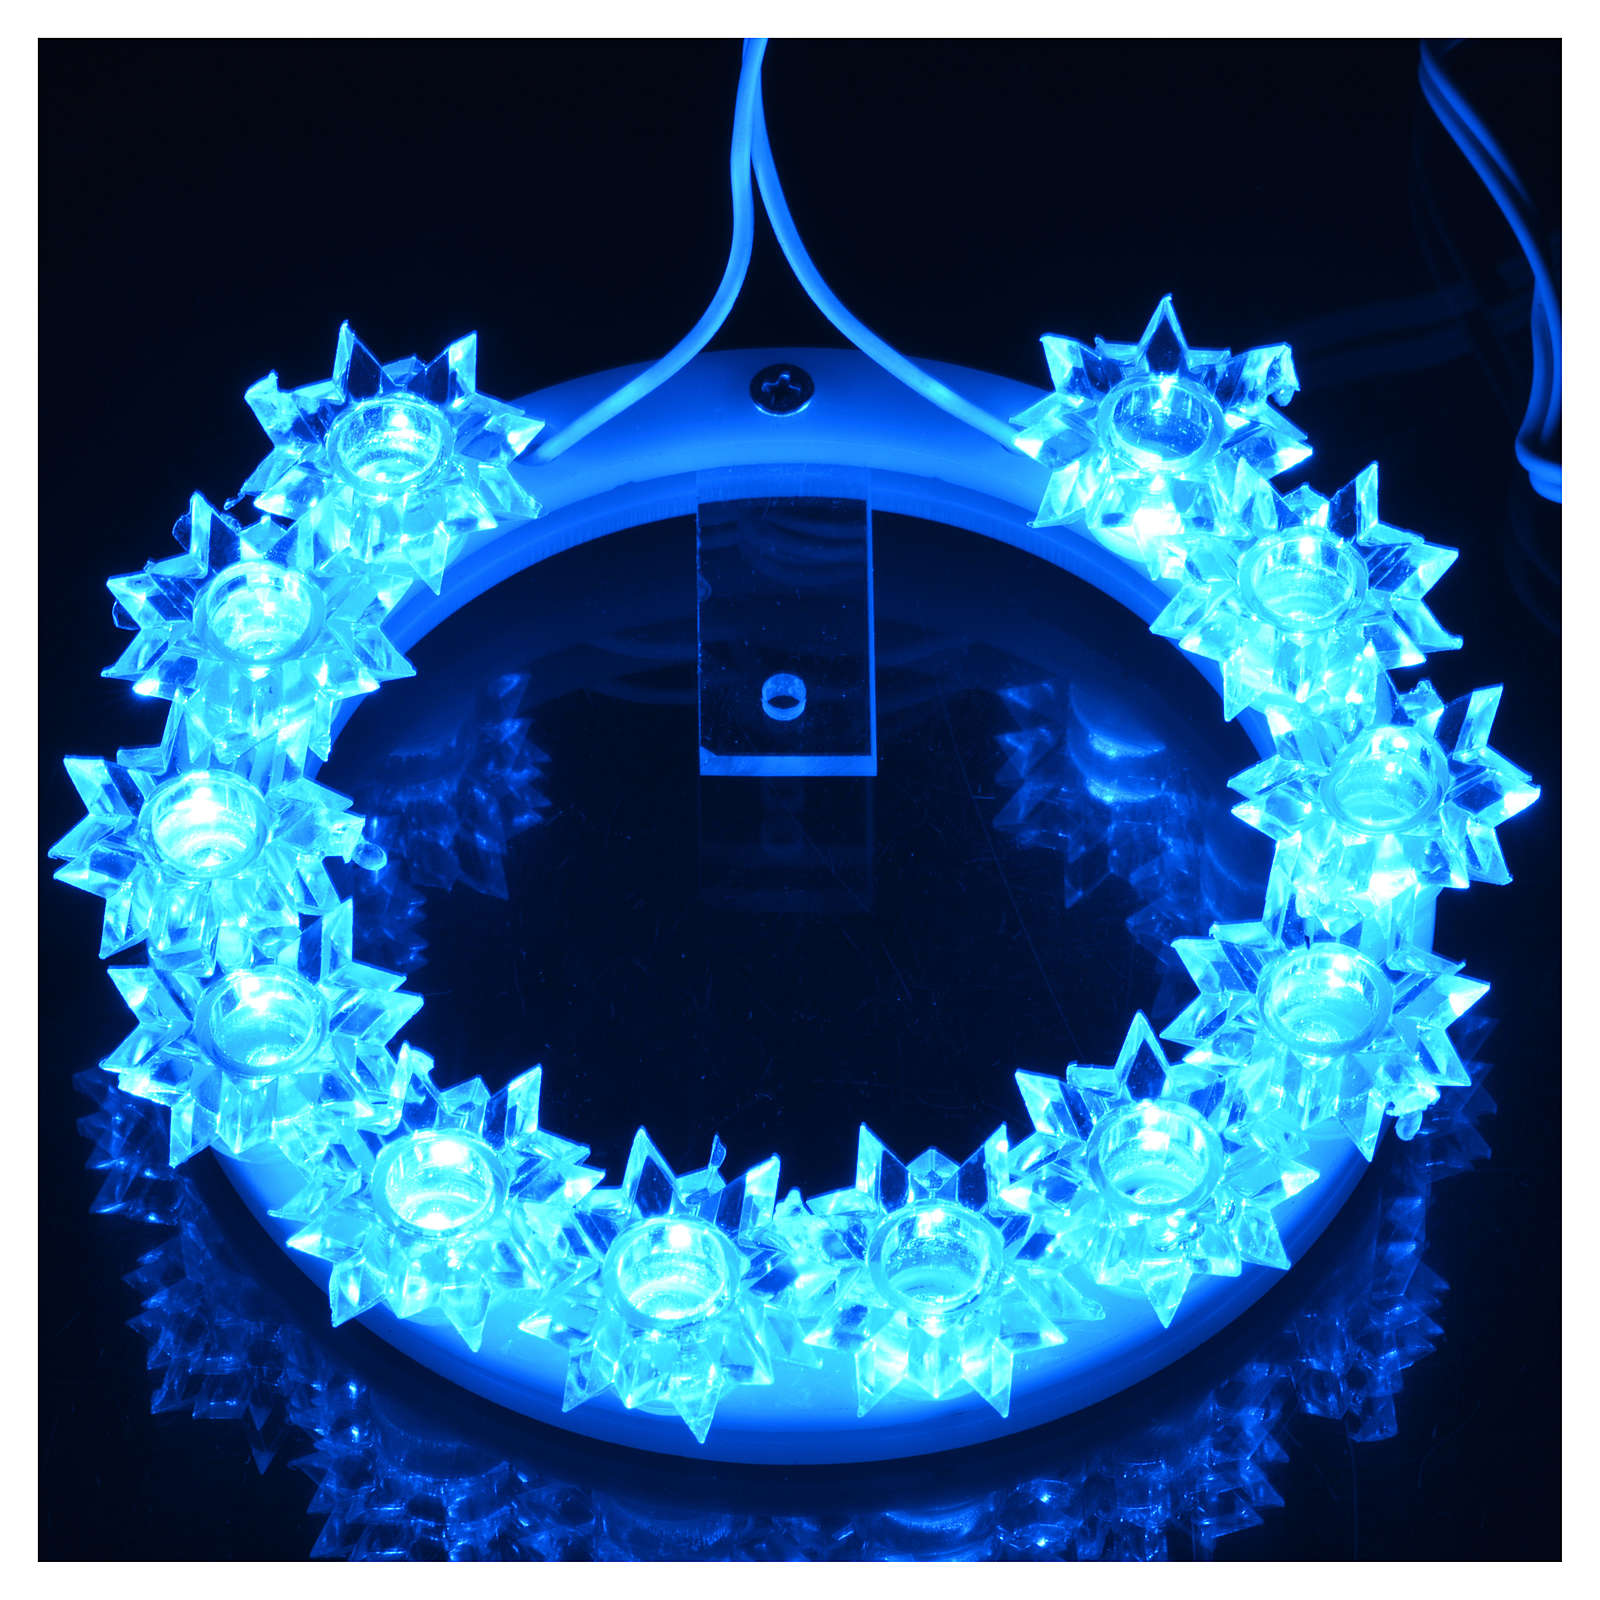 Aureola z plexiglassu podświetlana Kwiaty led błękitne 10 cm 3